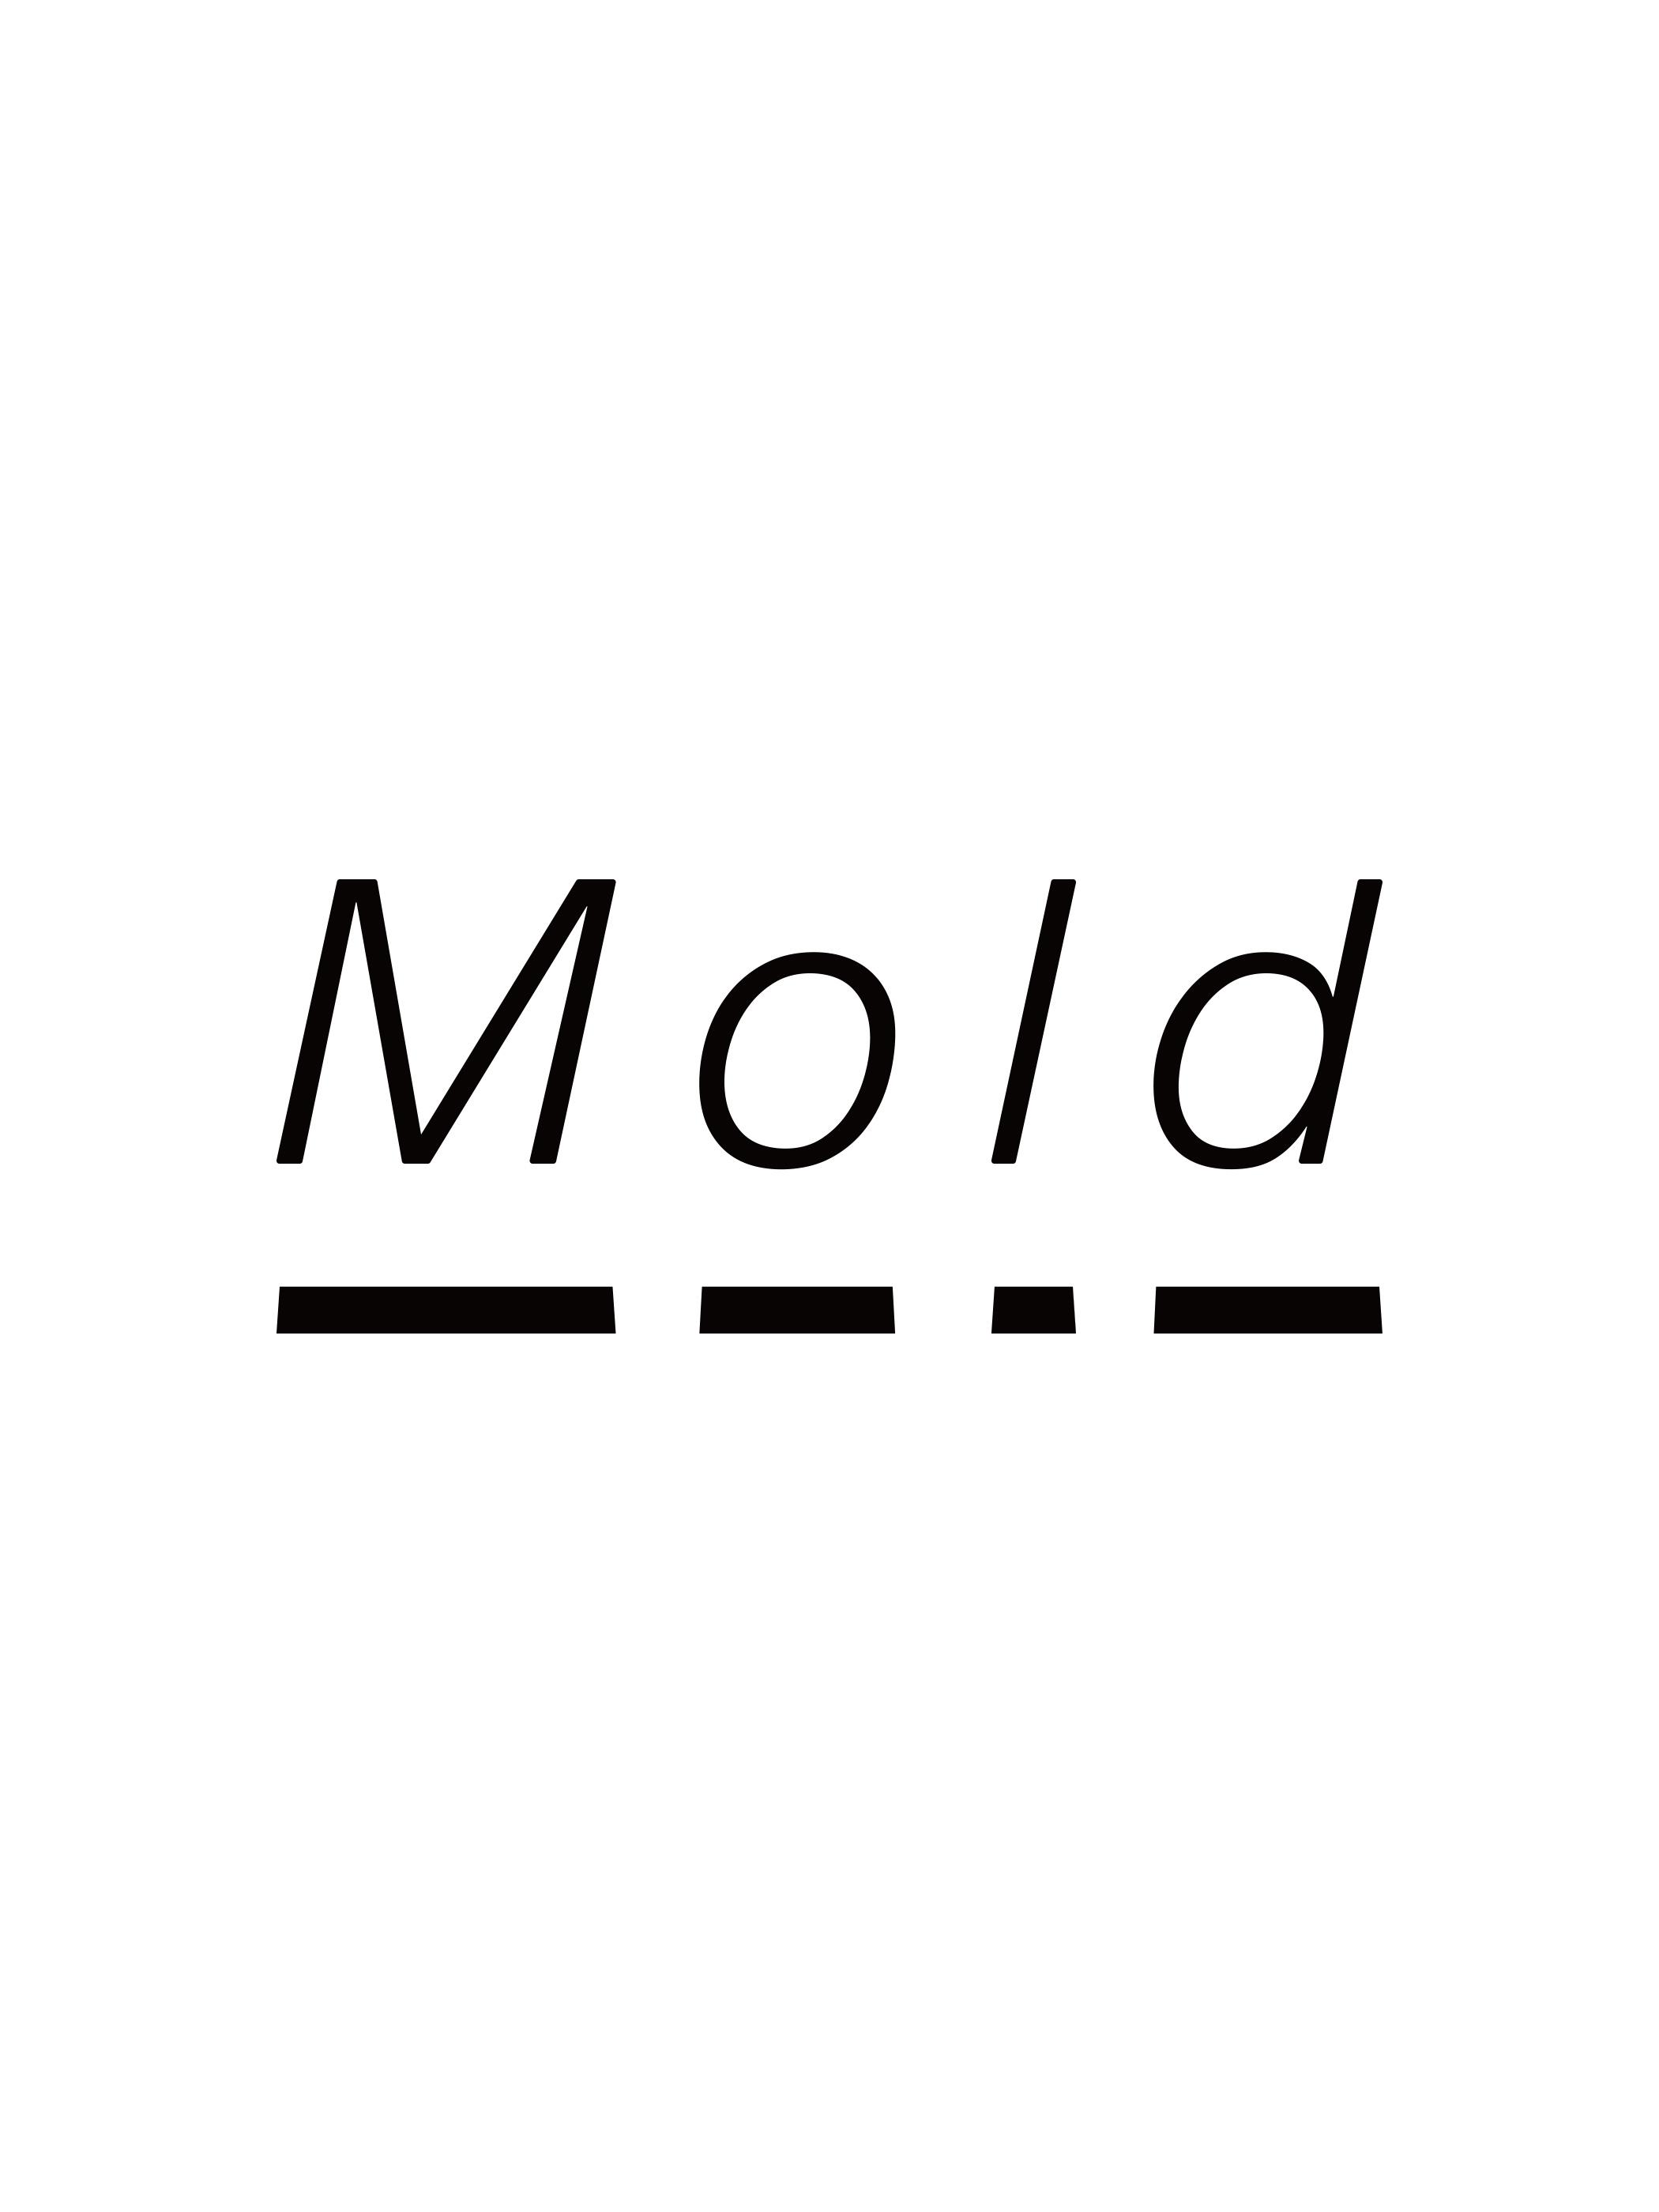 Mold s